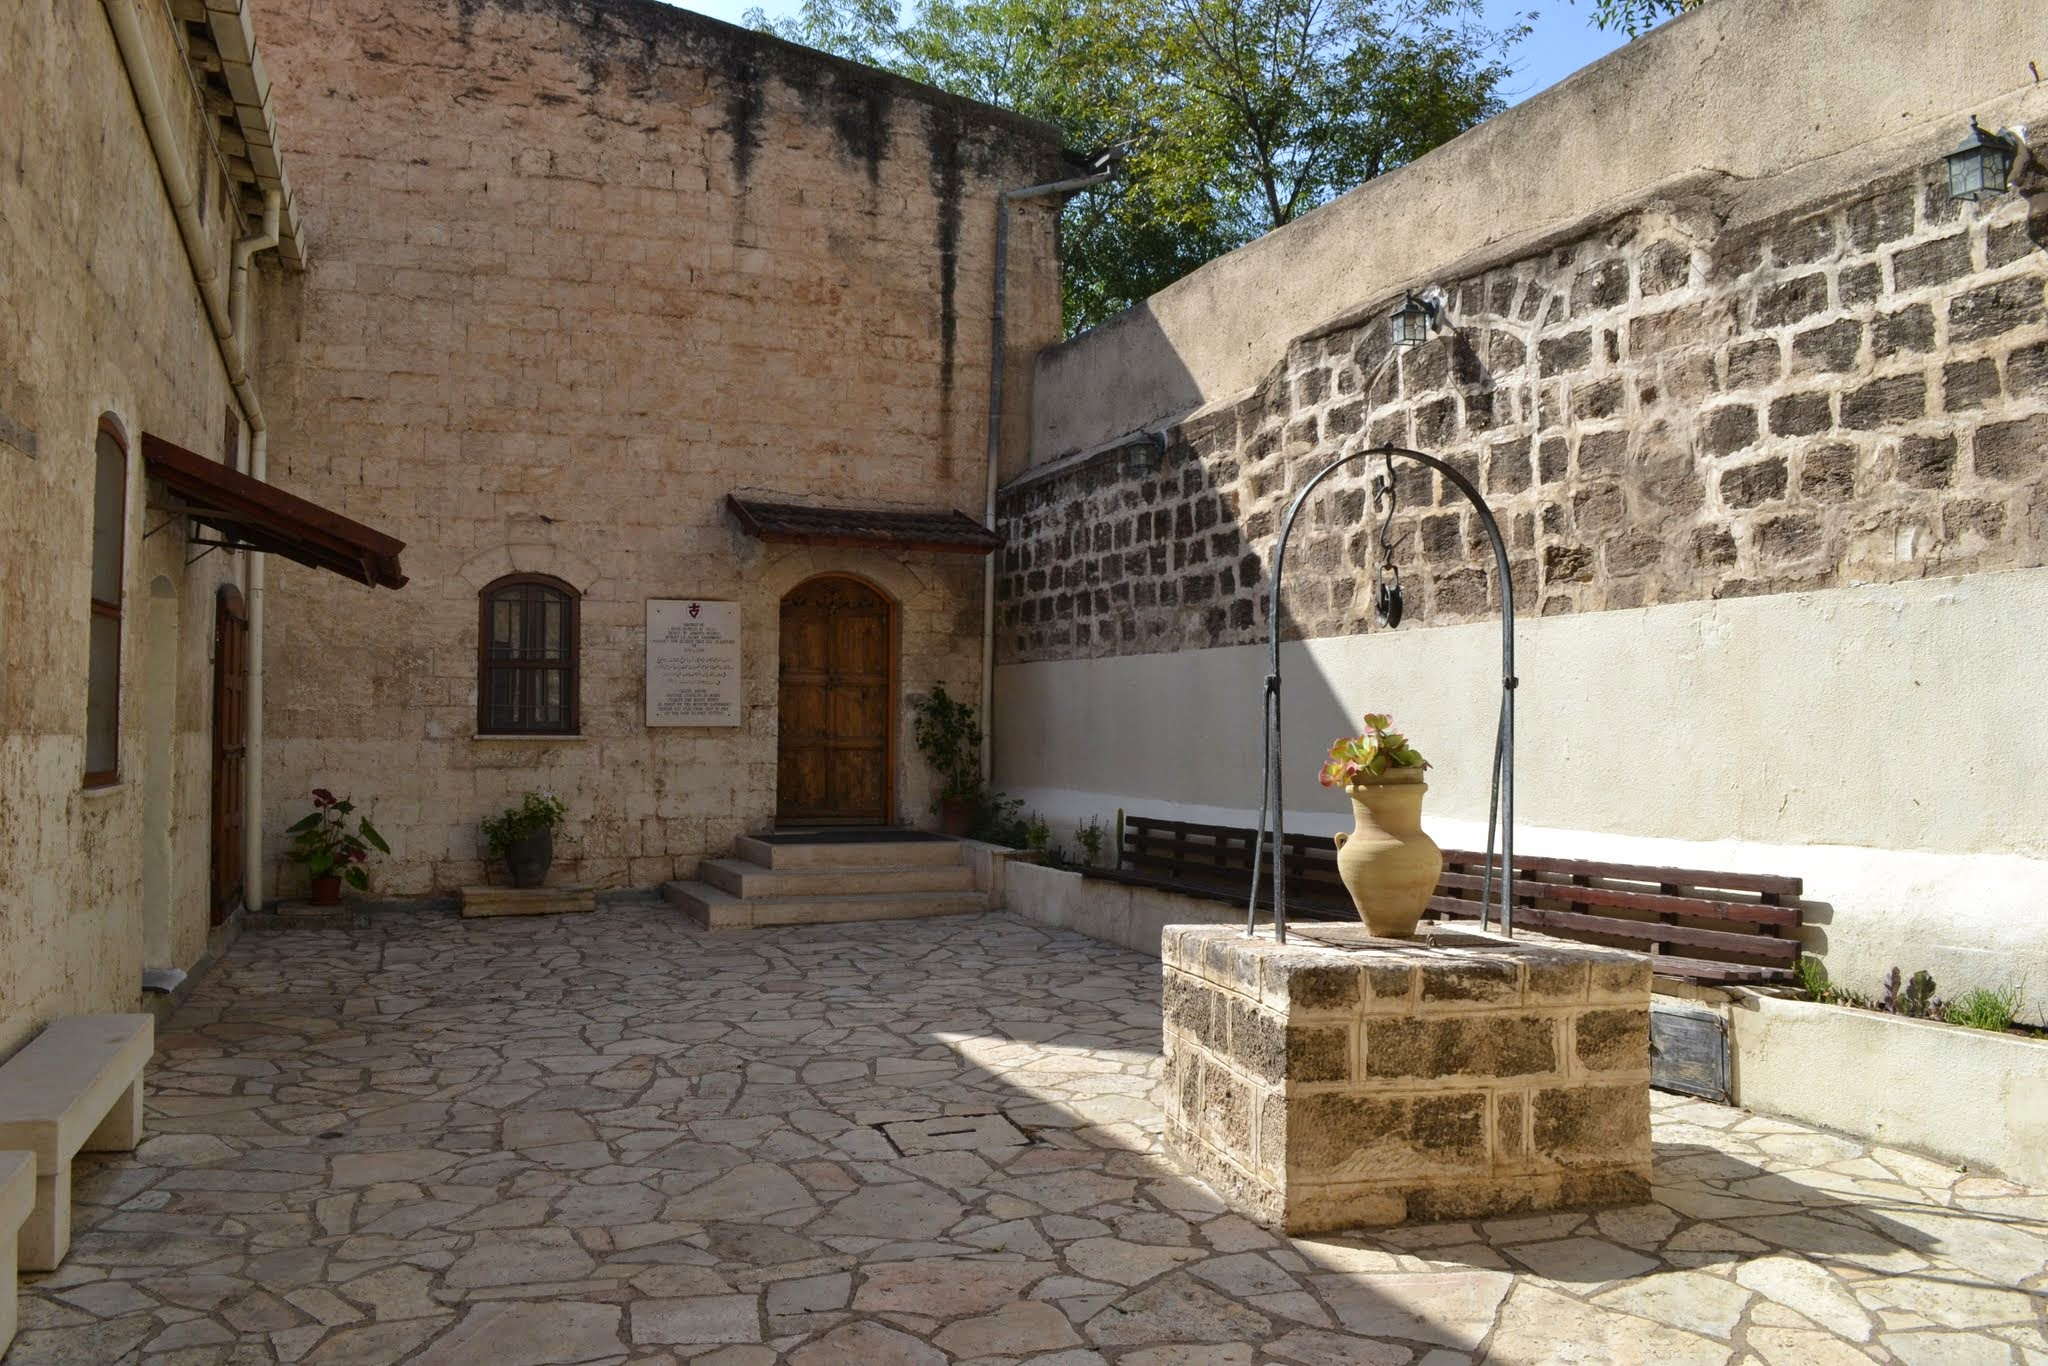 L'amore si manifesta nella piccolezza, a Nazaret